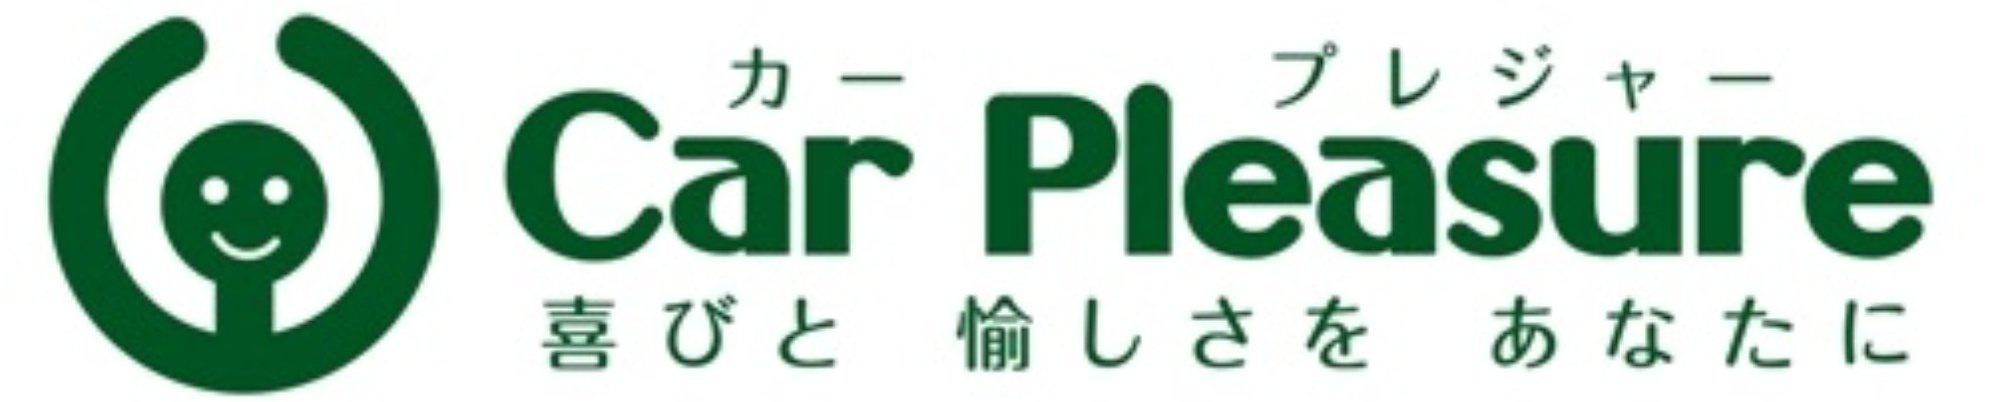 横浜で新車・中古車買い替えるならアフターサービス充実のCarPleasure